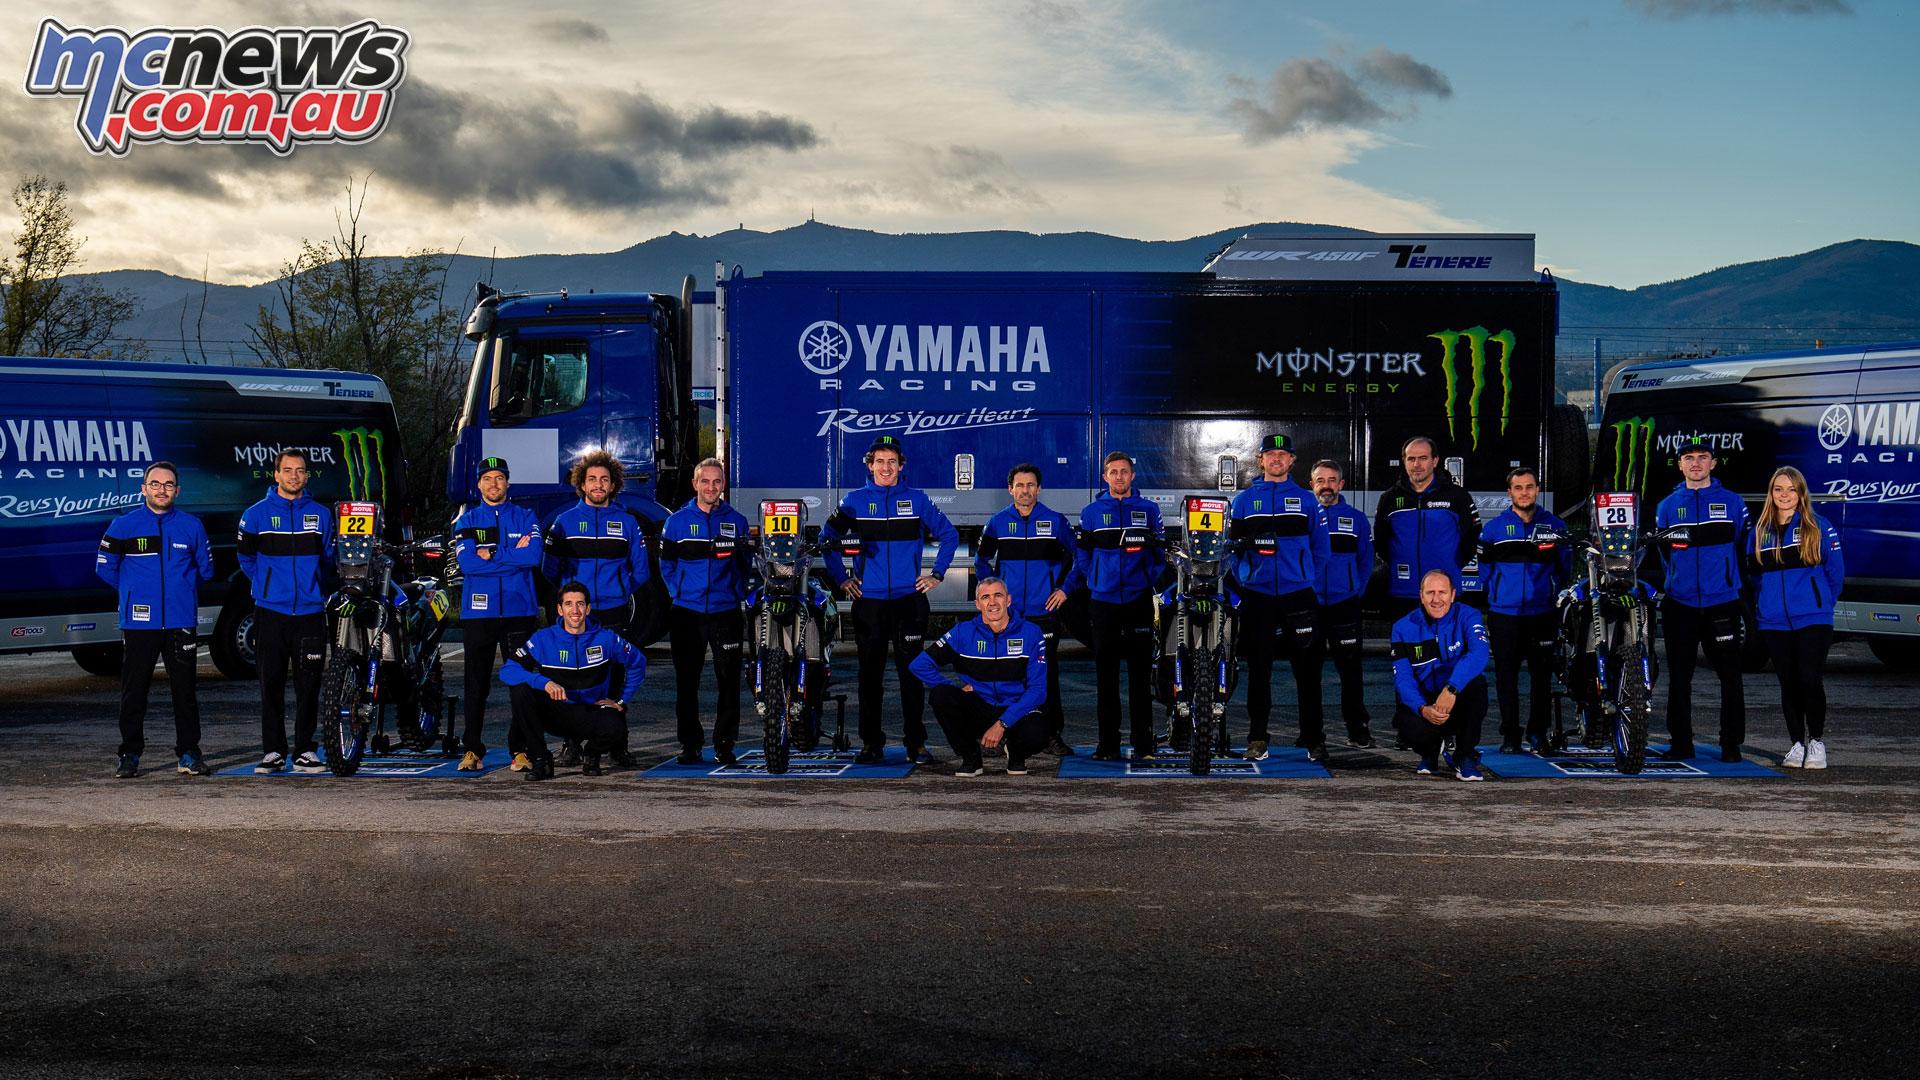 Monster Energy Yamaha Rally Team